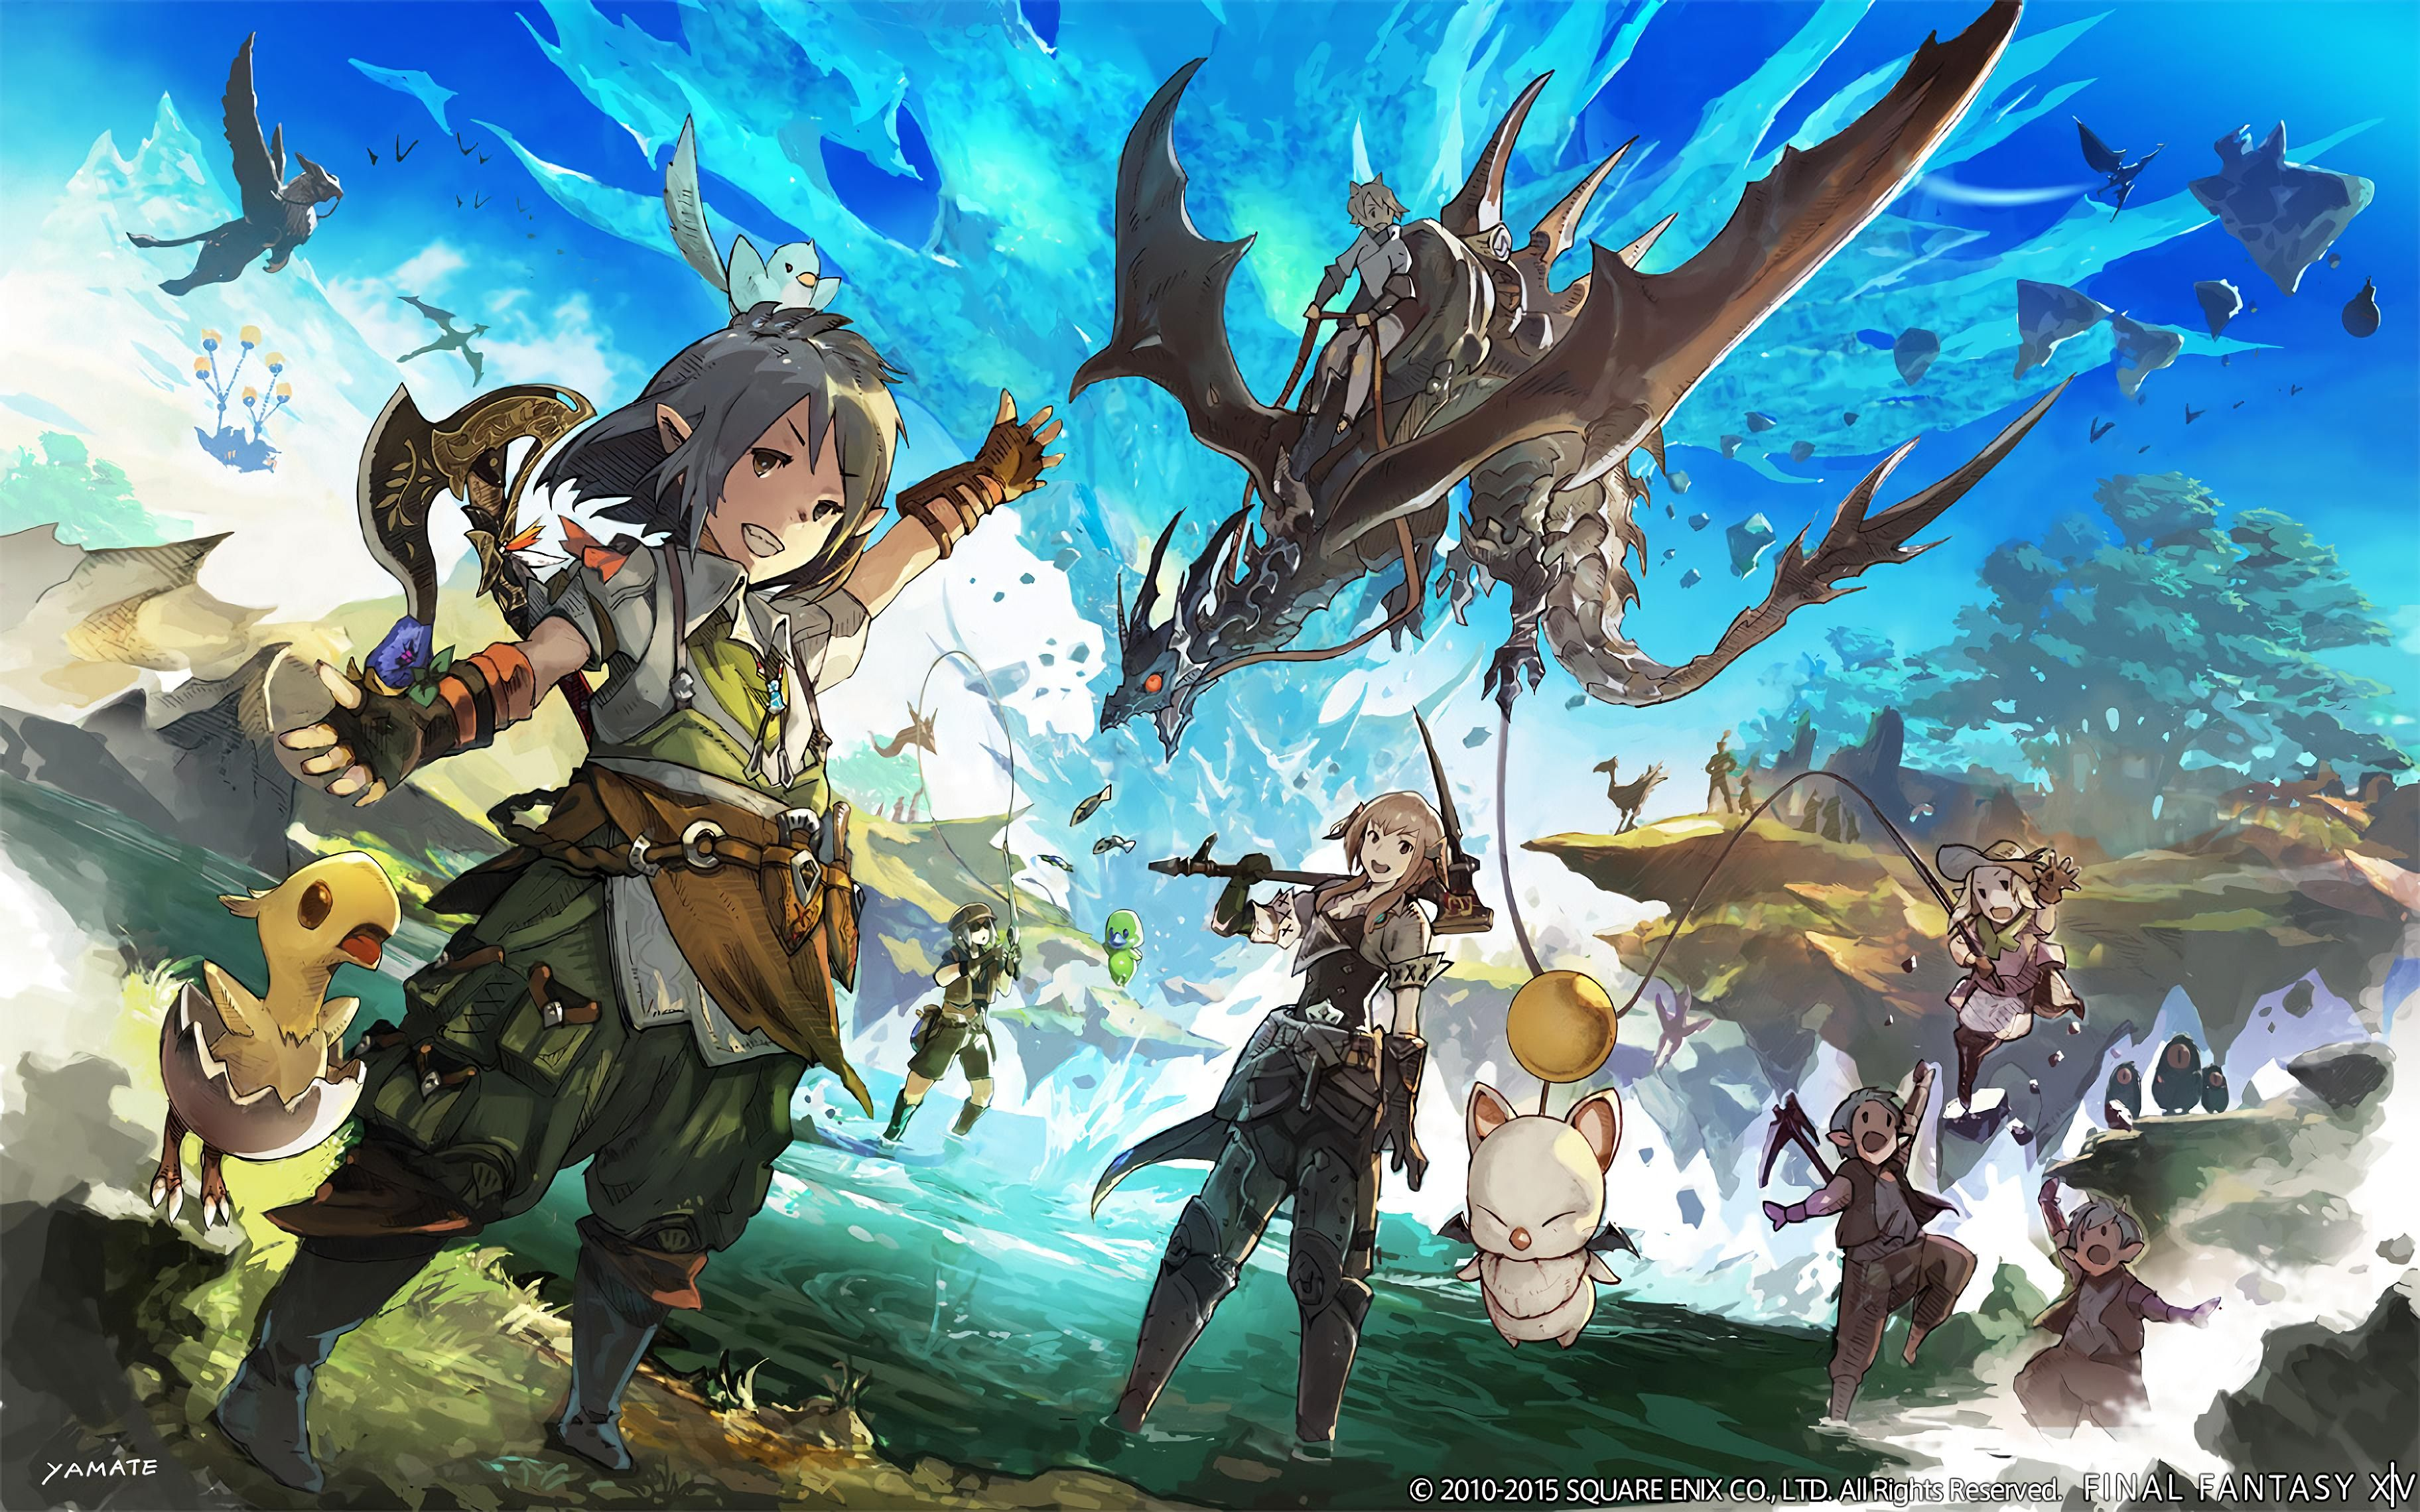 FFXIV 4k Wallpaper Album Final Fantasy XIV Art